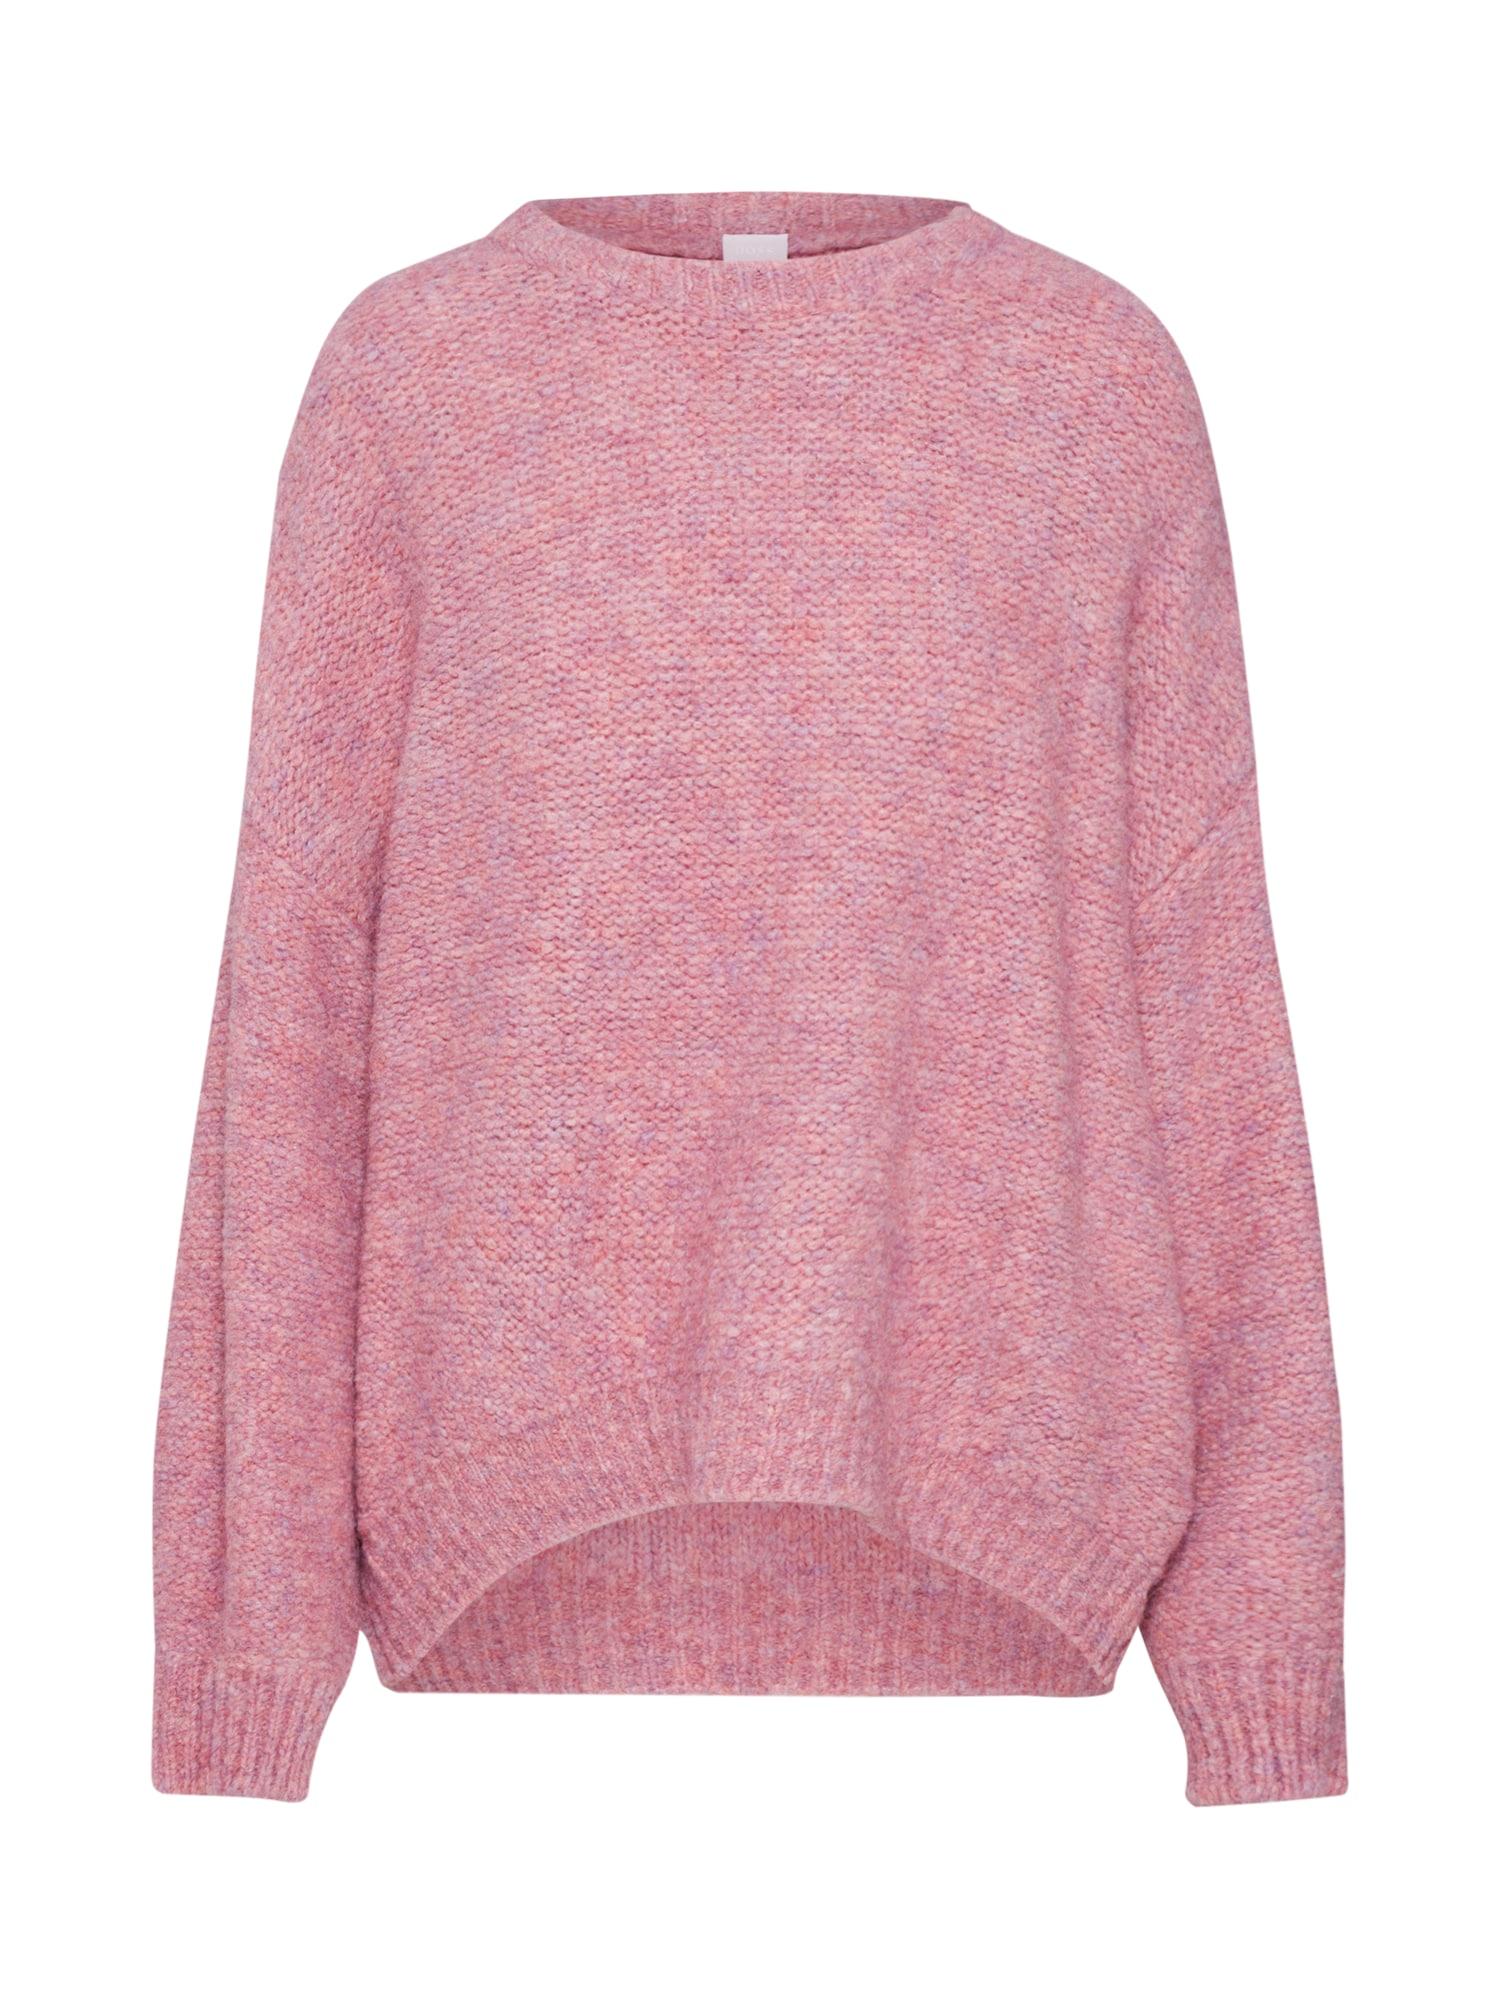 BOSS Megztinis rožinė